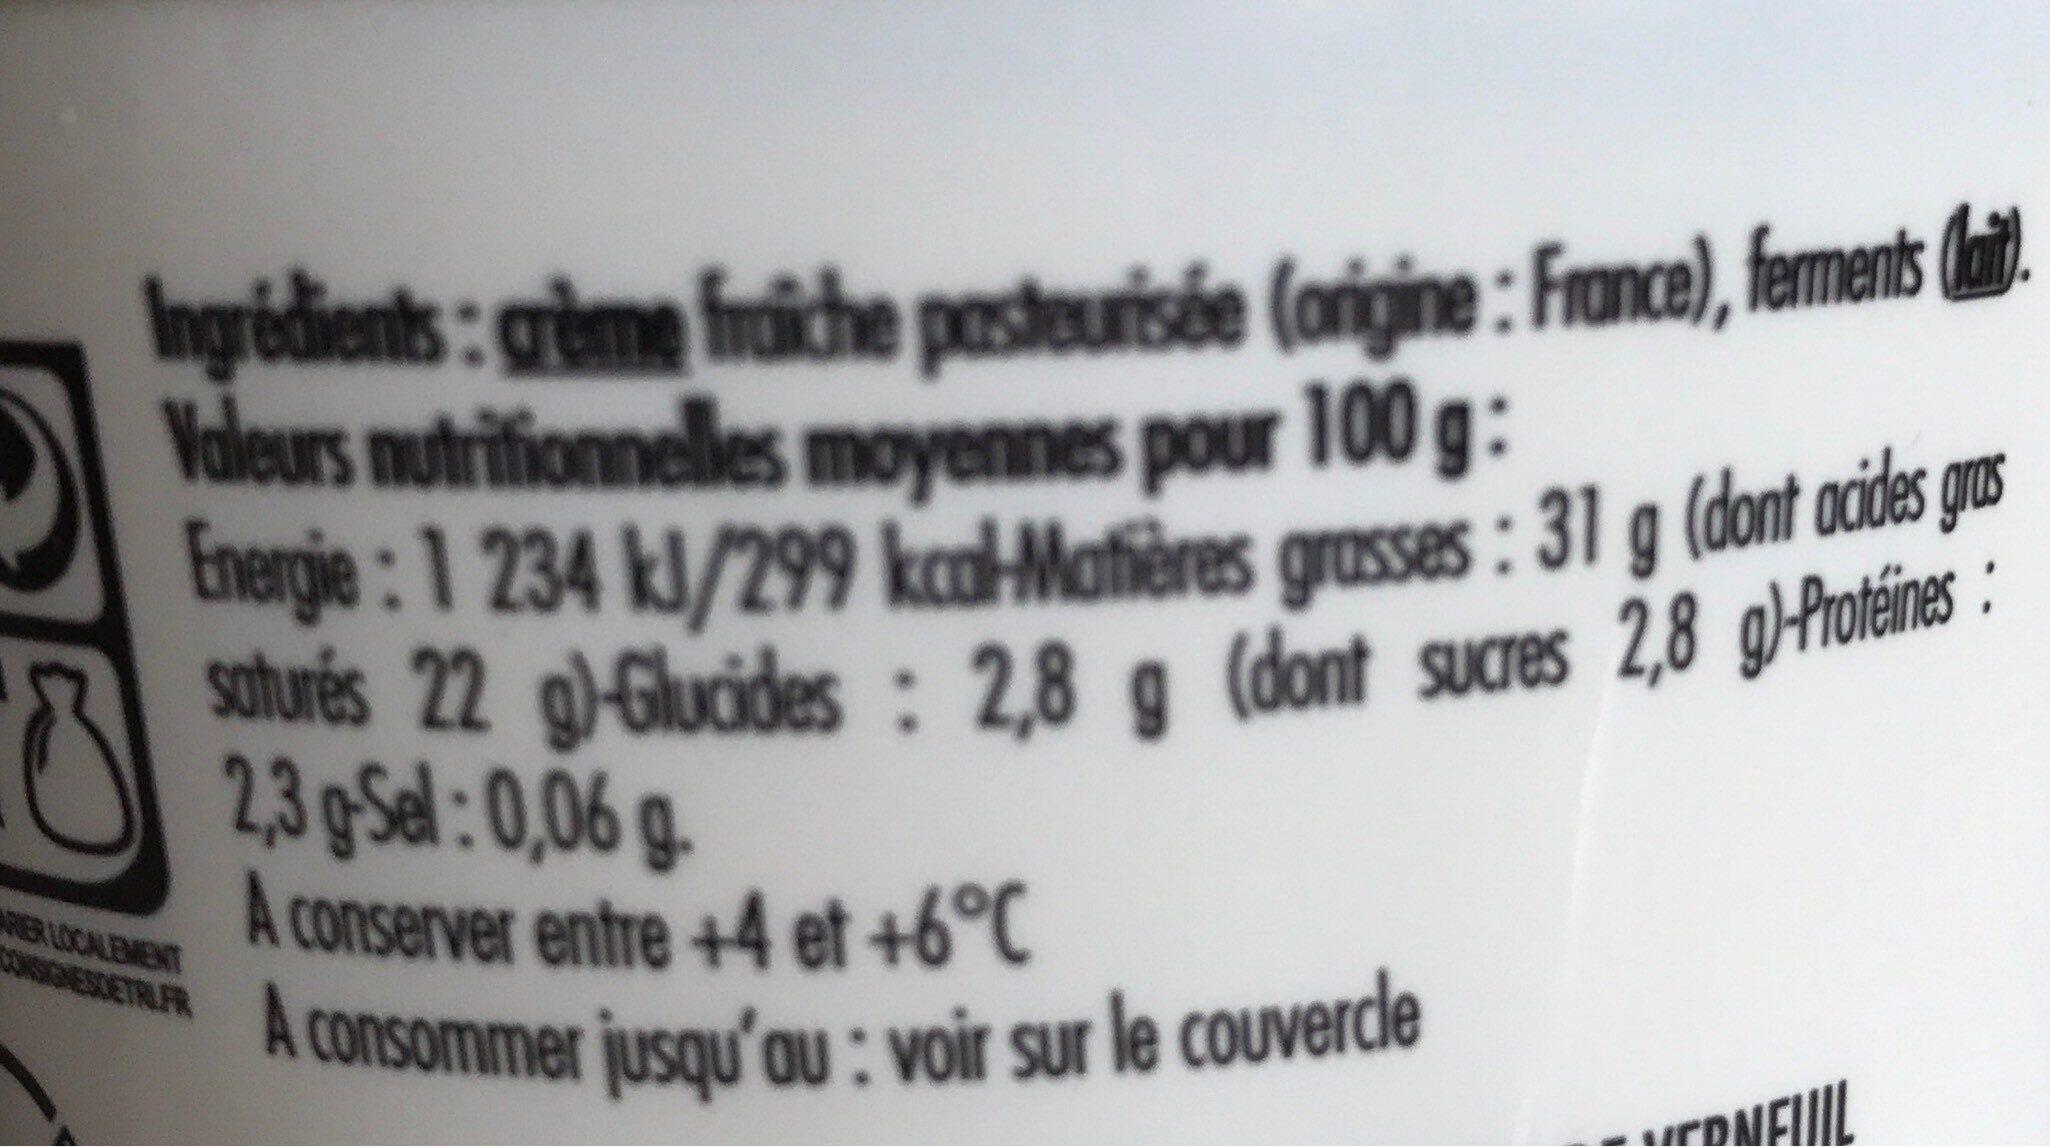 Creme fraiche que je préfére - Informations nutritionnelles - fr